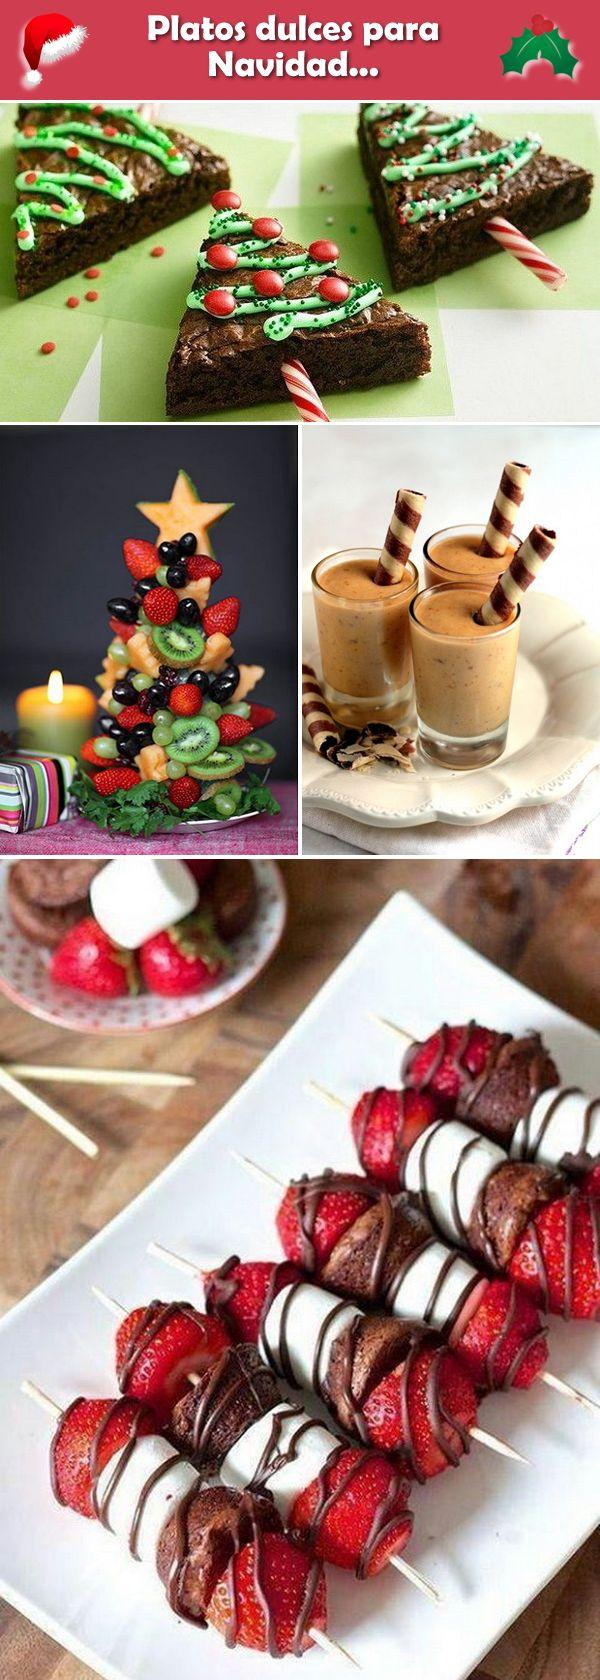 Platos dulces para Navidad. Ideas originales para la mesa navideña. Delicias navideñas.